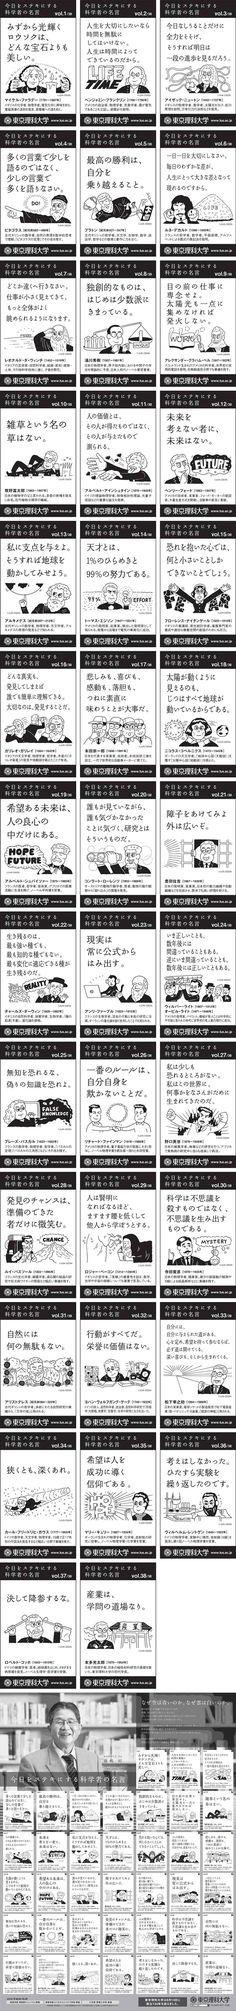 朝日広告賞「広告主参加の部」、2015年度の受賞作品を掲載しています。